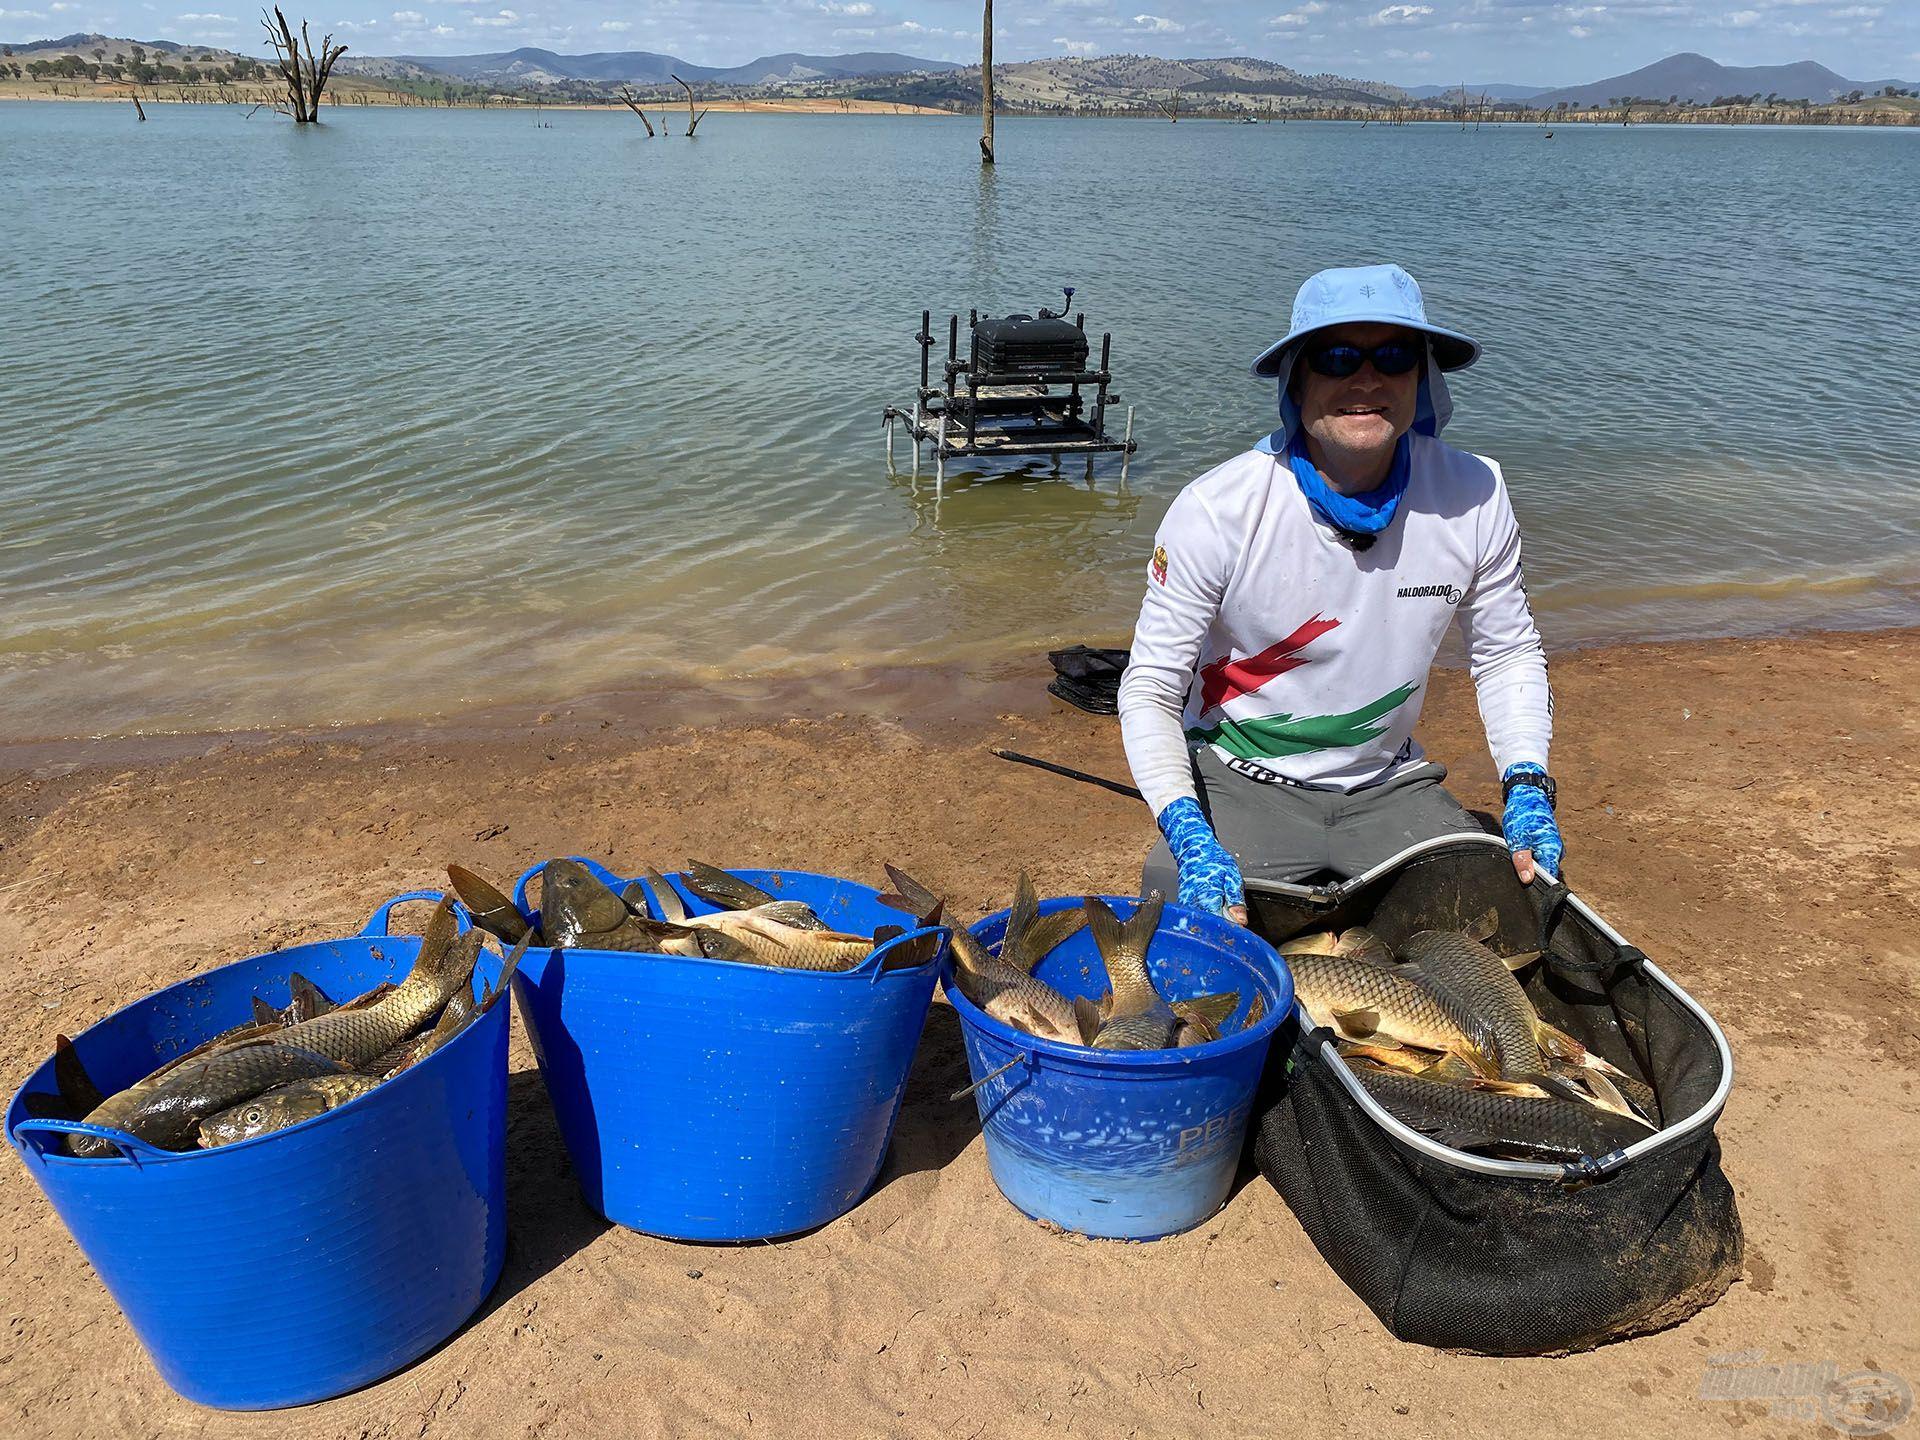 Az első fordulóban 64 db pontyot fogtam 98.900 g összsúlyban, amely a szektorom legtöbb hala volt!